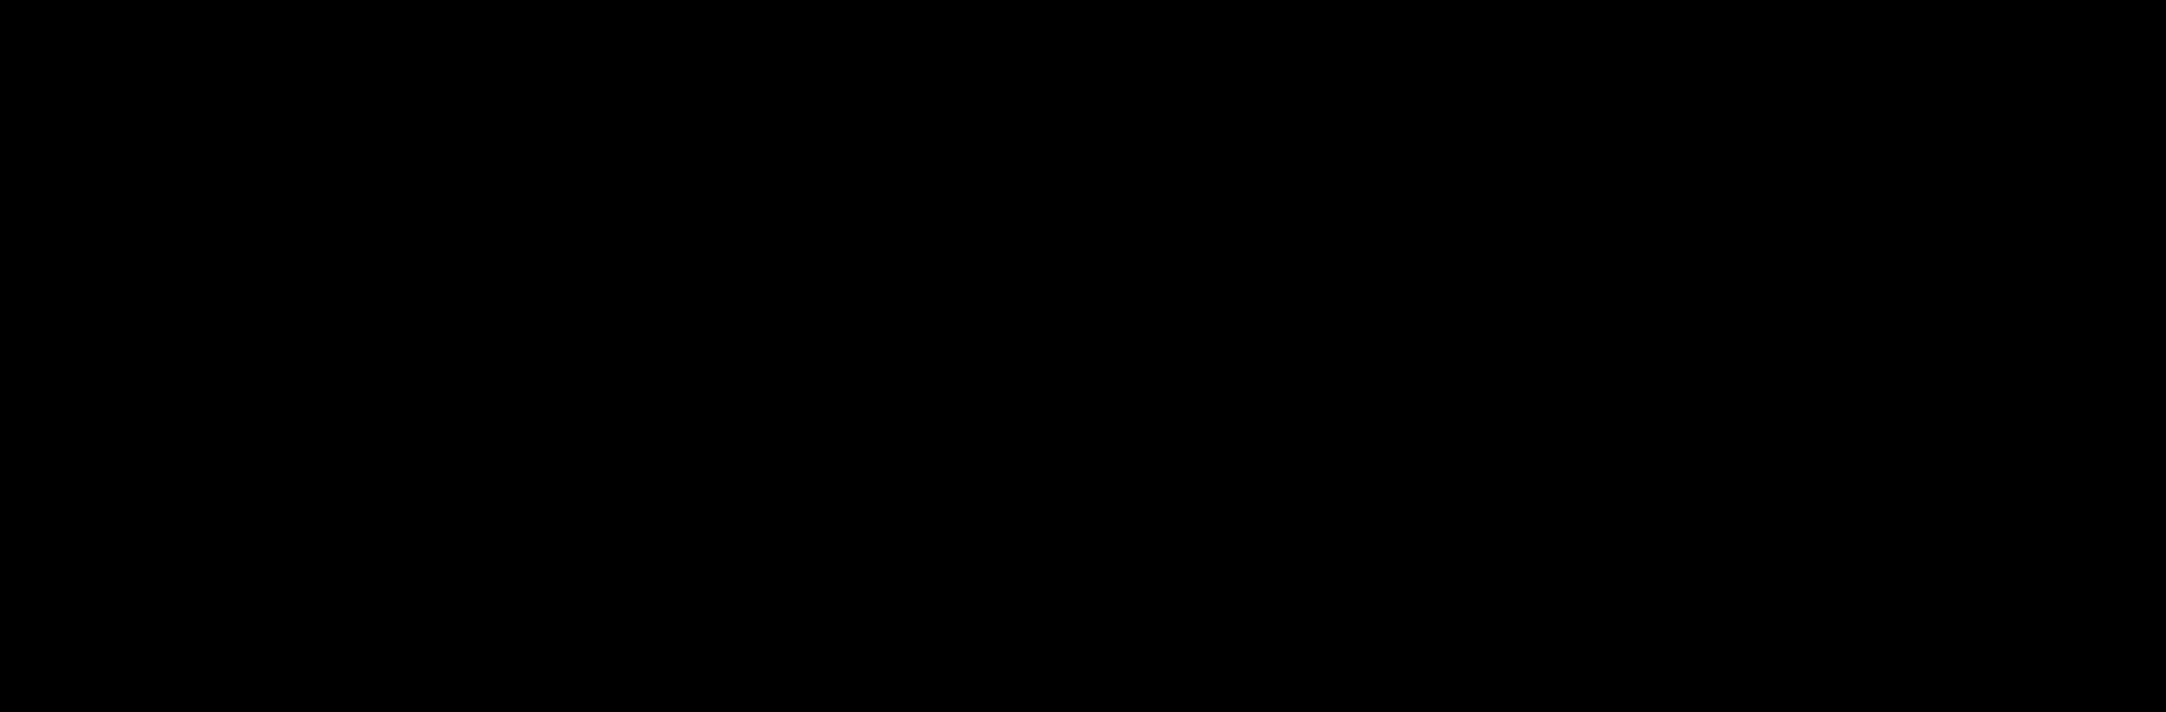 6-O-Dansyl-d<sub>6</sub>-N-acetylglucosamine